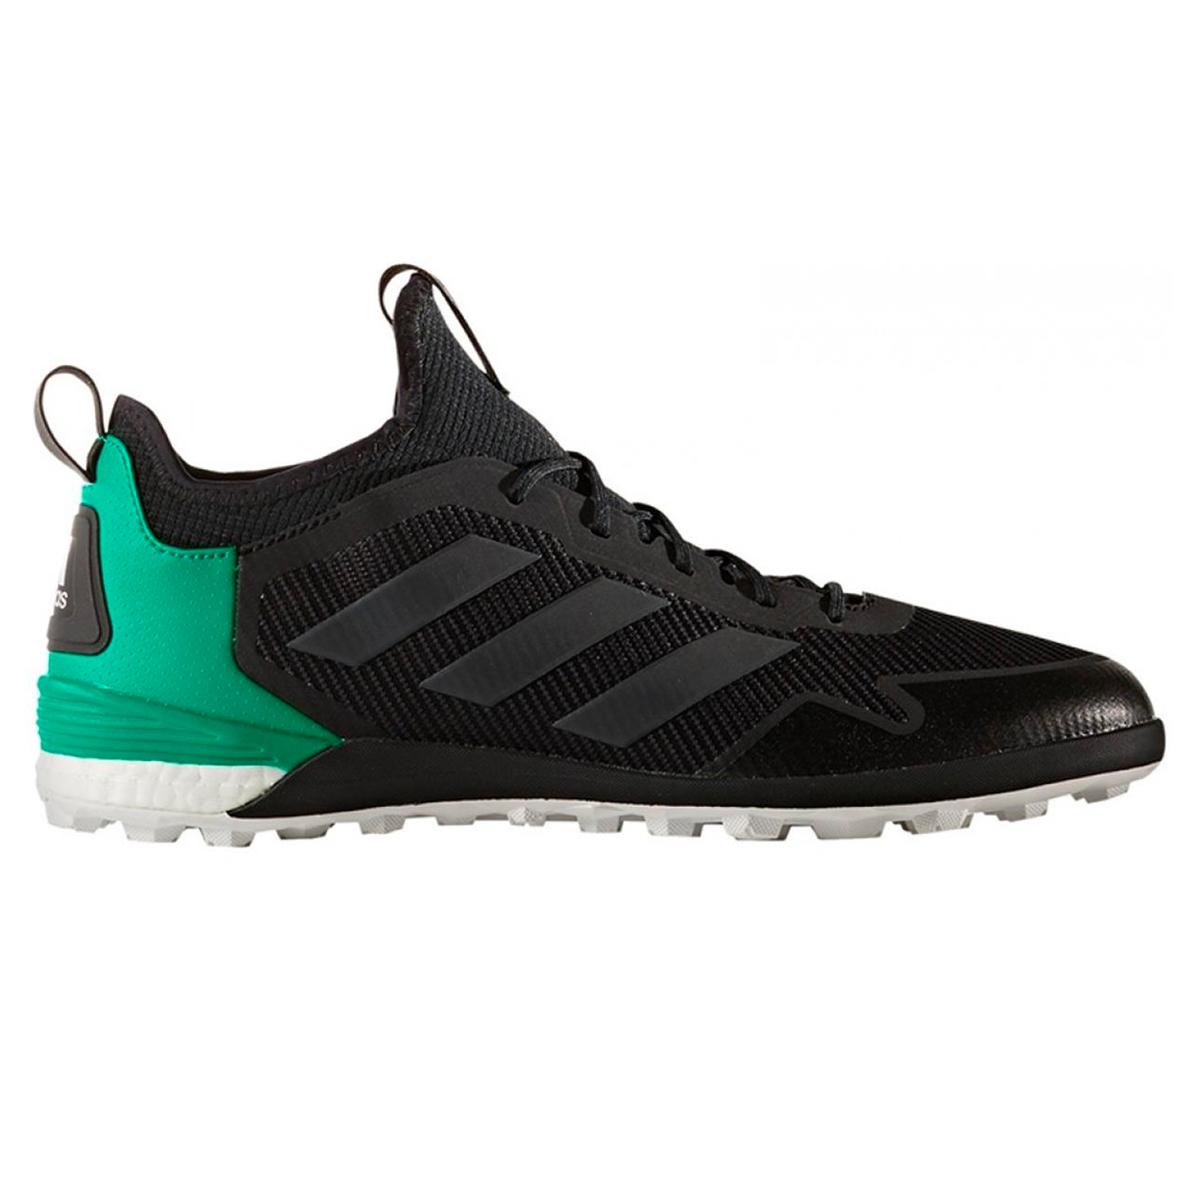 check out 8b03e 040d9 Adidas S80700 ACE TANGO 17.1